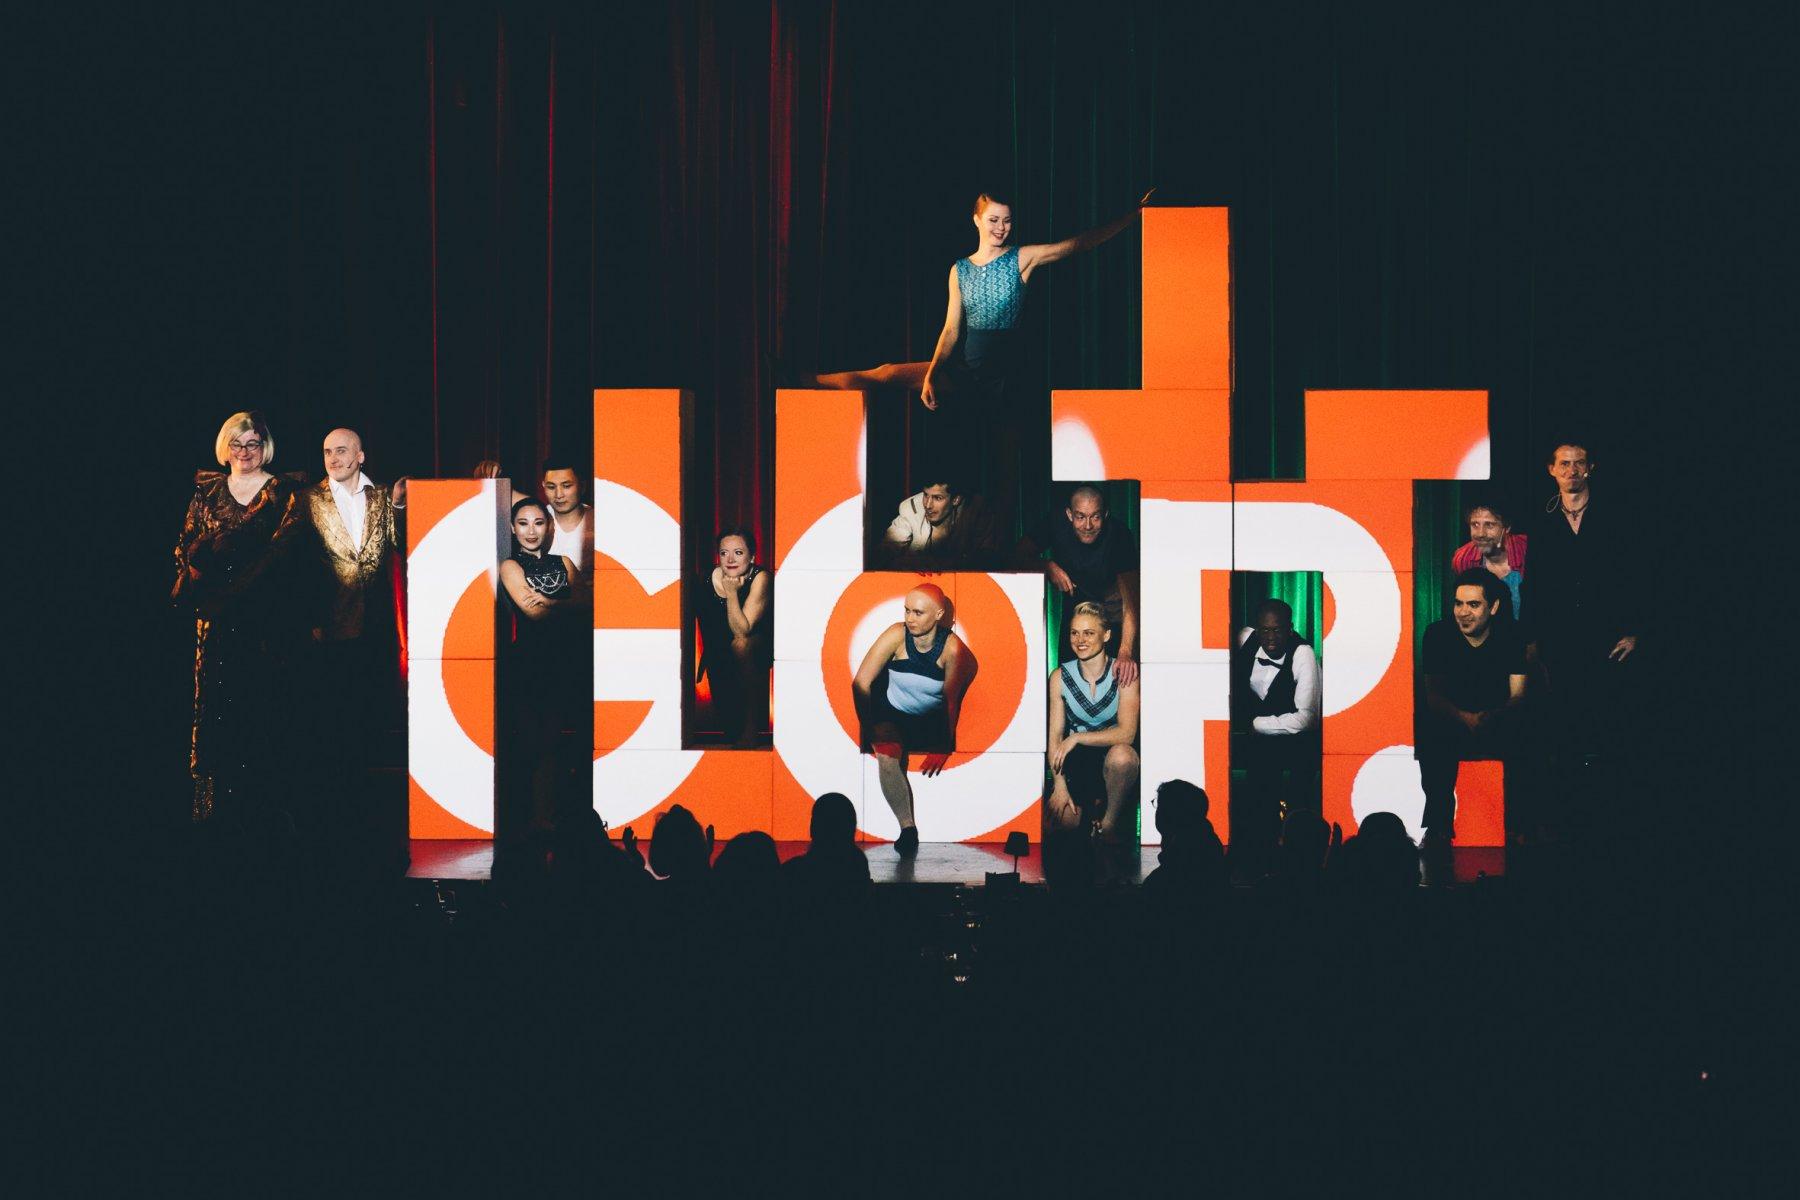 Geheimtipp Muenchen Gop Humorzone Premiere45 – ©wunderland media GmbH